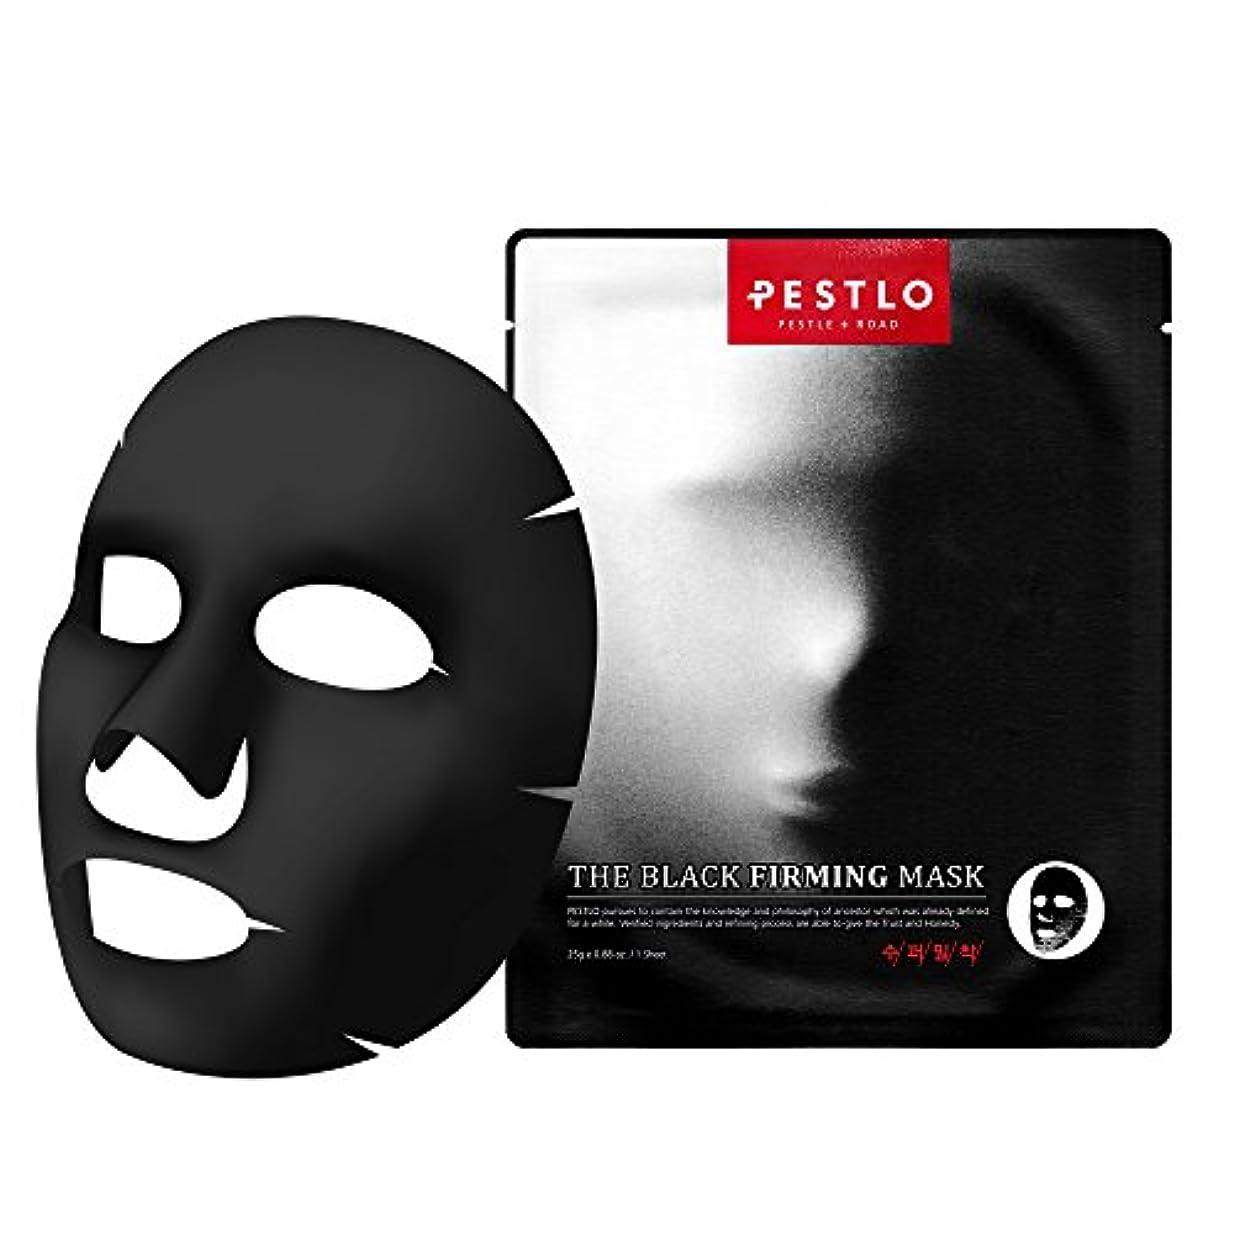 叙情的なまだかまどPestlo The Black Firming Mask 【ペスロザブラックファーミングマスク】 - モイスチャ アンチエイジング 老化防止 抗酸化効果 透明スキンケア 韓国コスメ 1シート / 25g